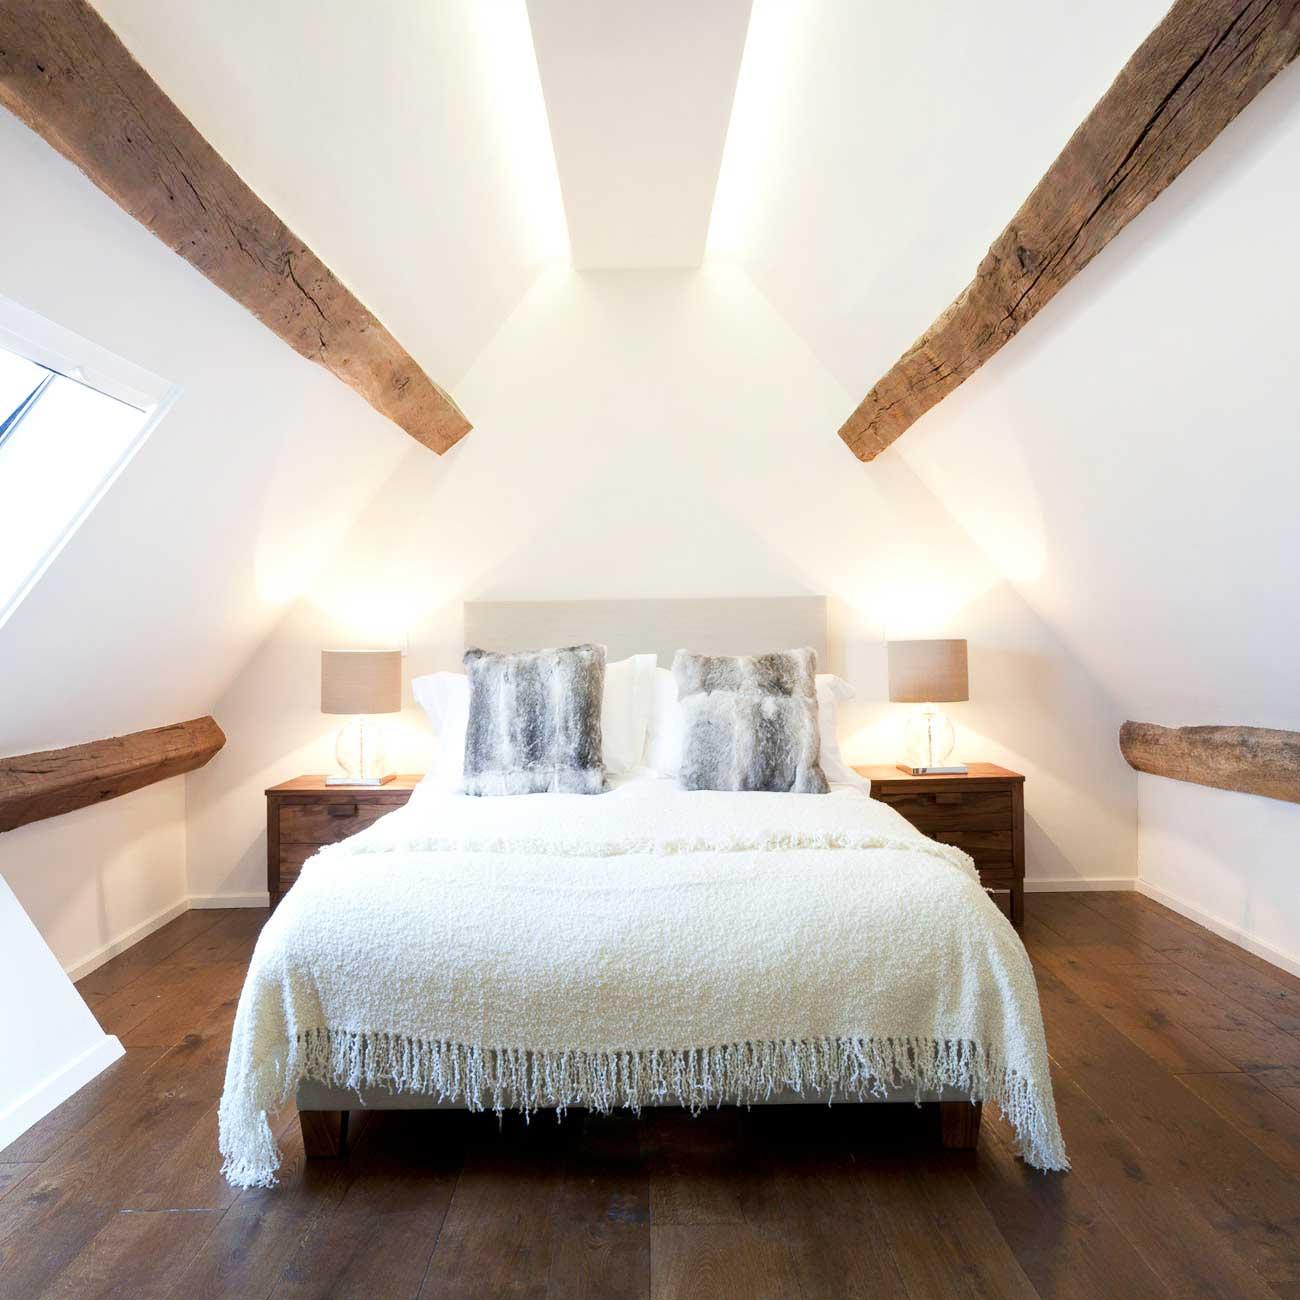 Barn flooring